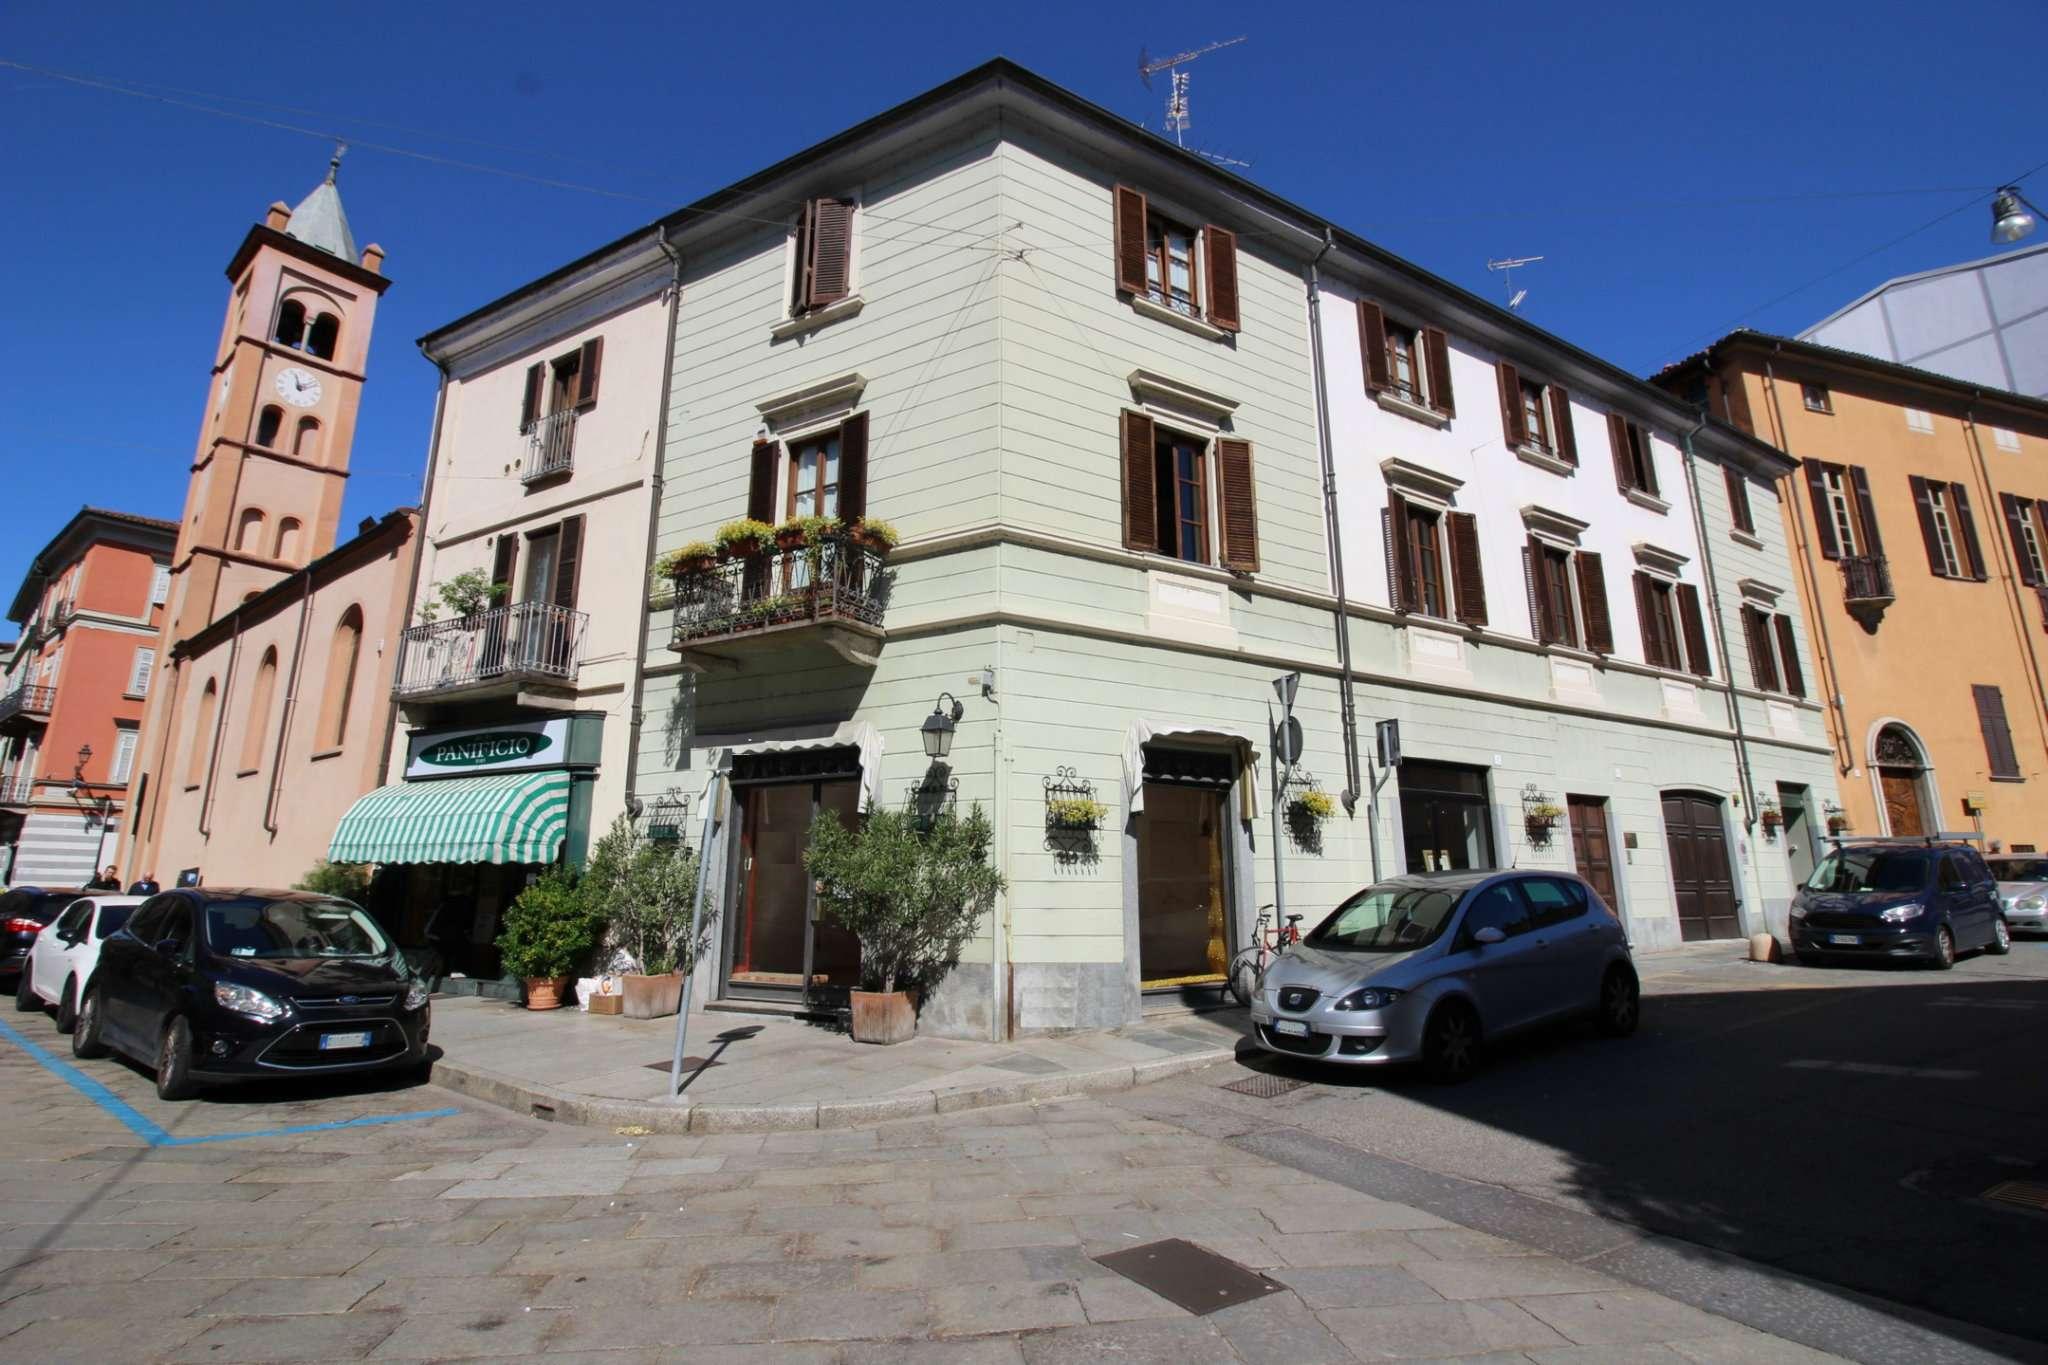 Negozio / Locale in vendita a Vercelli, 9999 locali, prezzo € 120.000   PortaleAgenzieImmobiliari.it